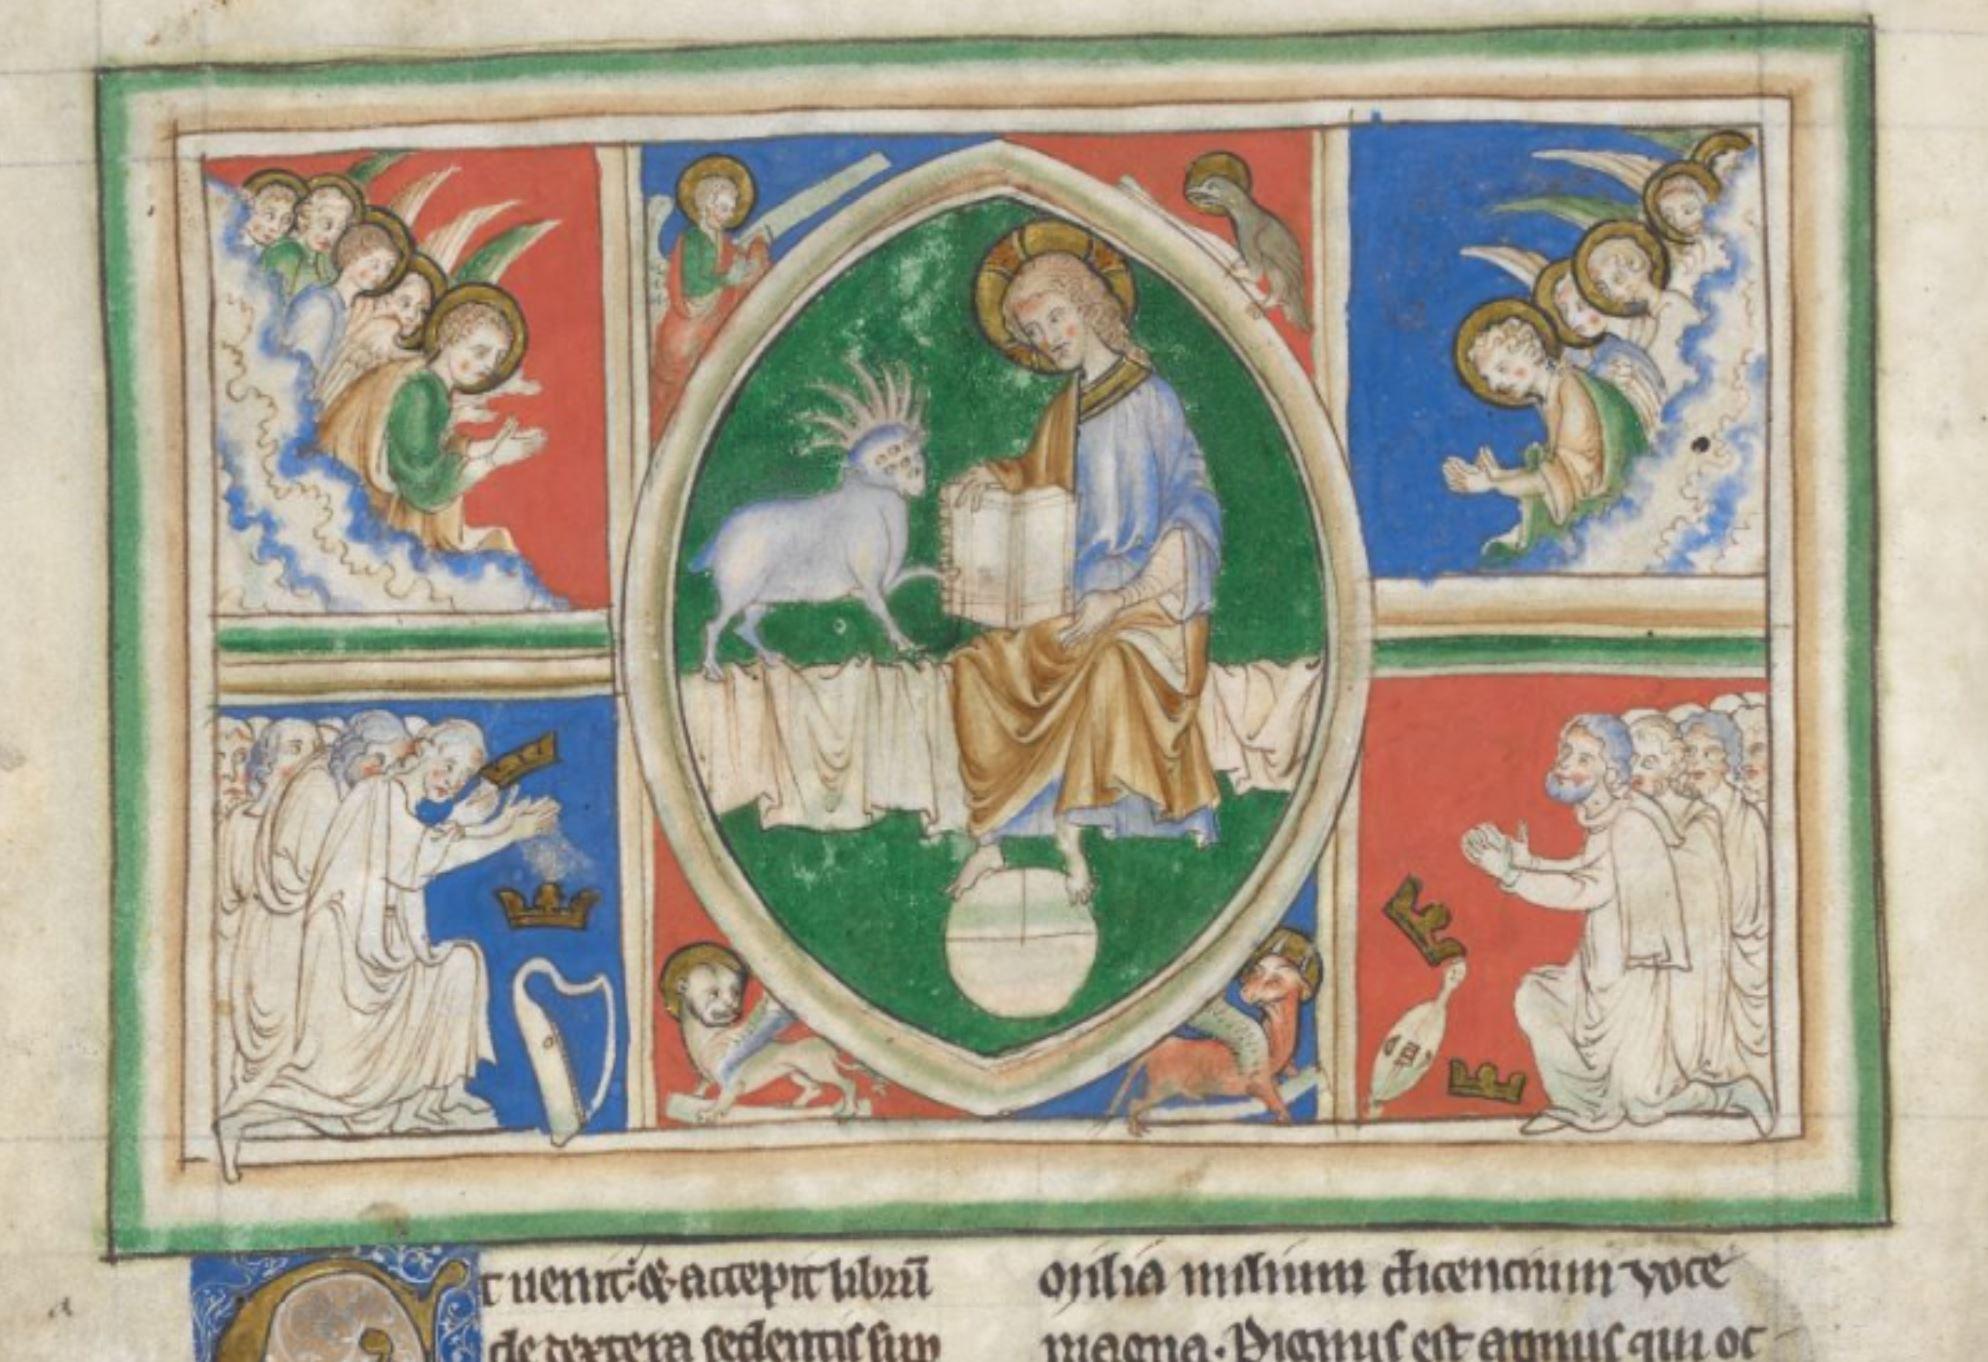 1250-1300 BL Add MS 35166 fol 6v Agneau prend livre